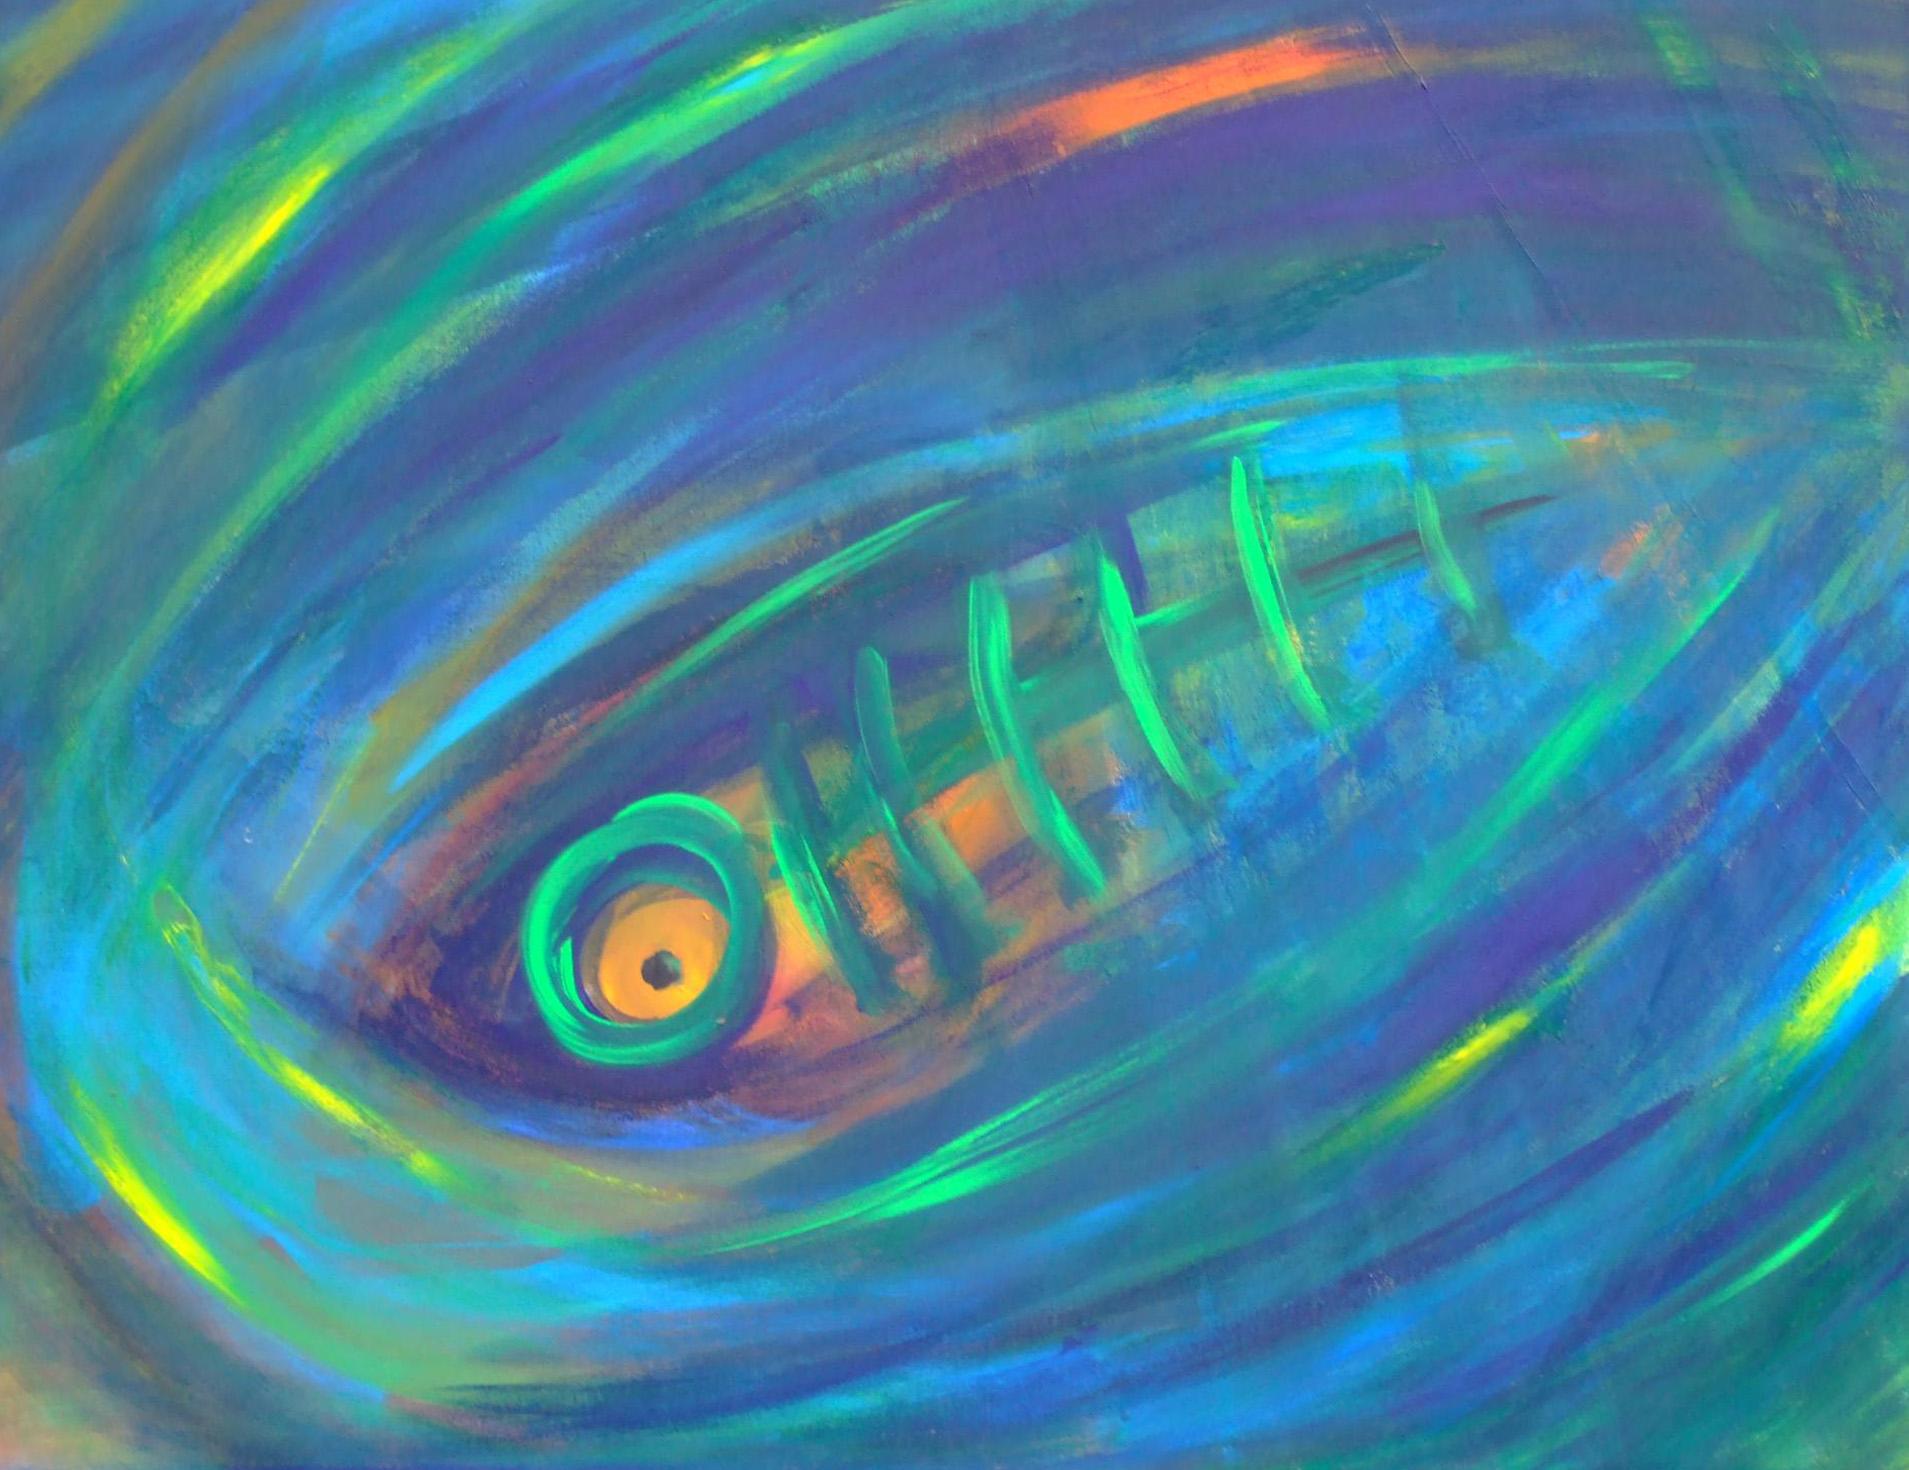 G-lomasWasserwirbel-mit-totem-Fisch-mh-kl